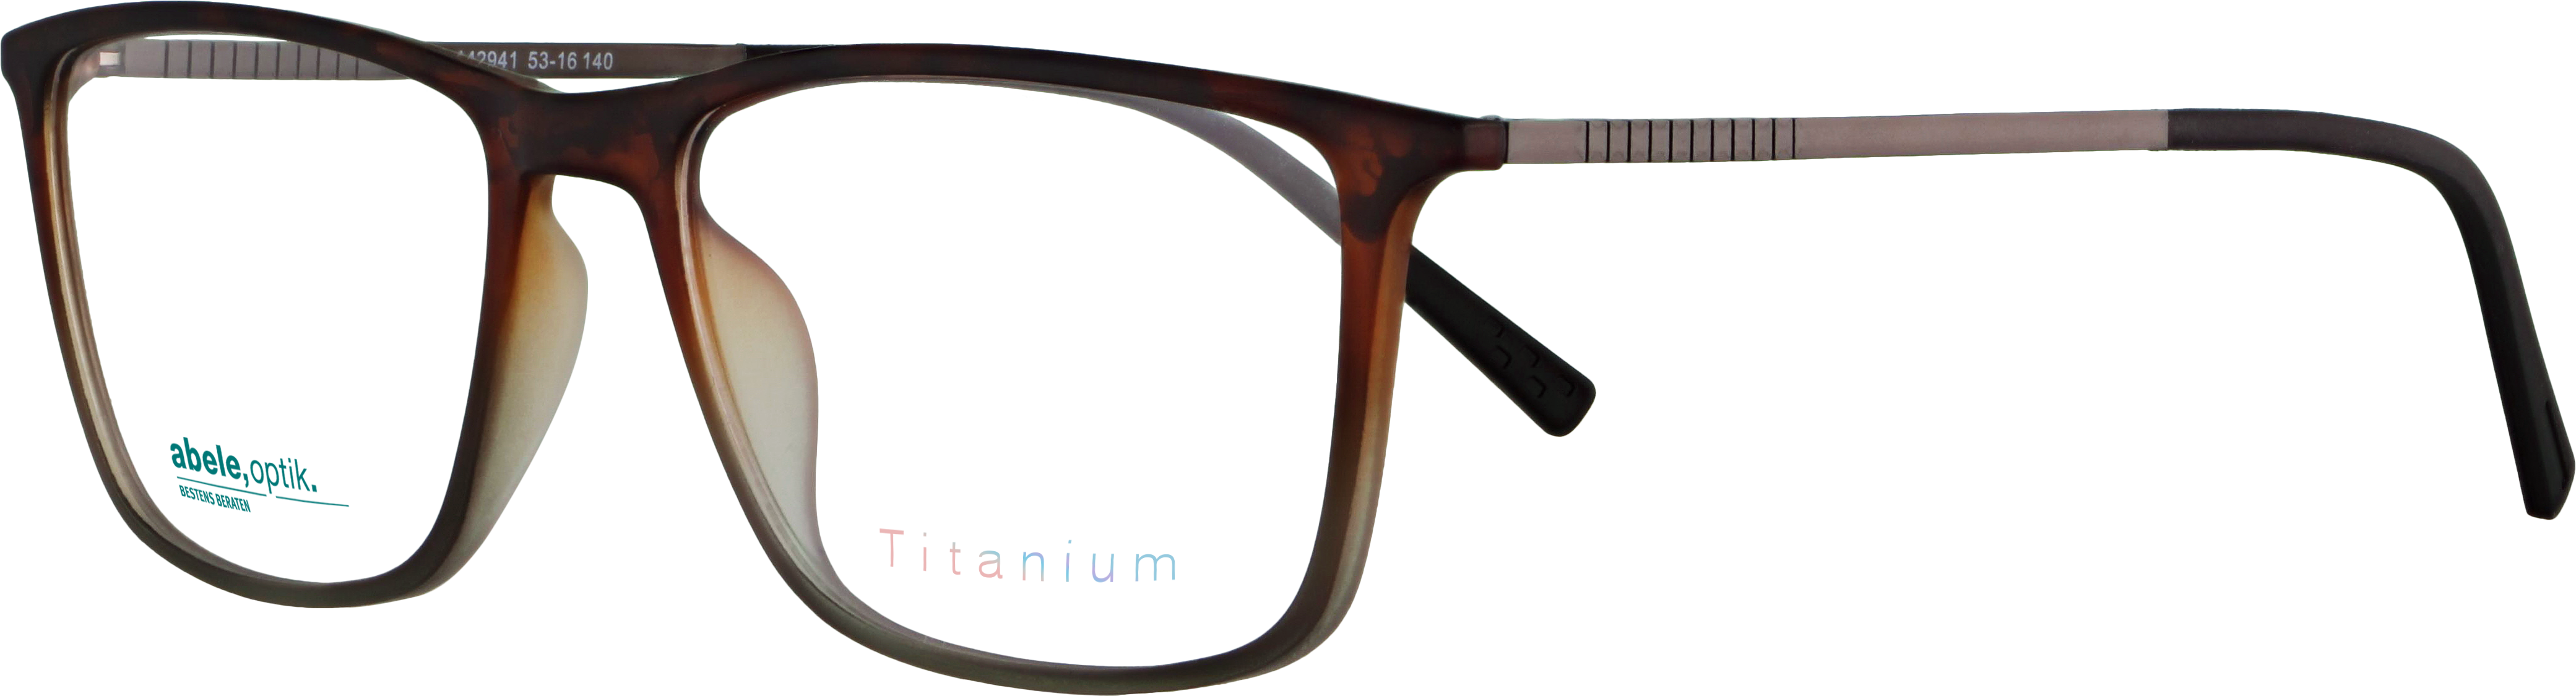 Titanbrille 142941